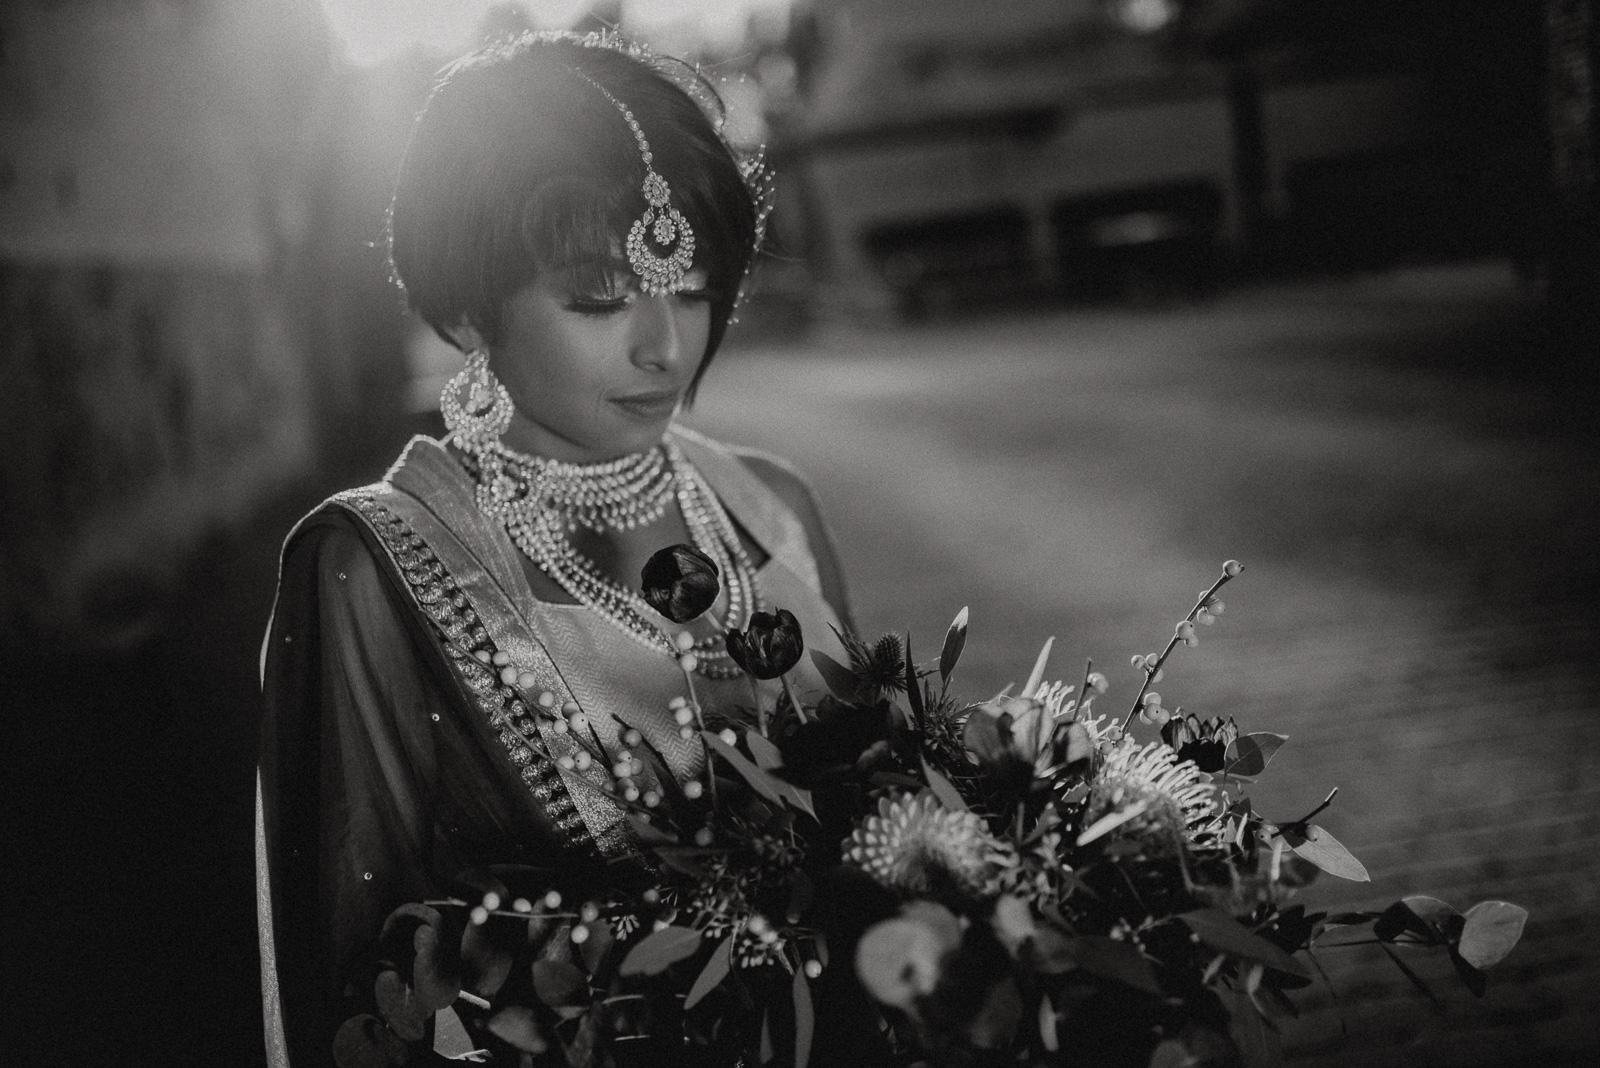 038-designparaplus-bochum-saree-indische-braut-fotograf